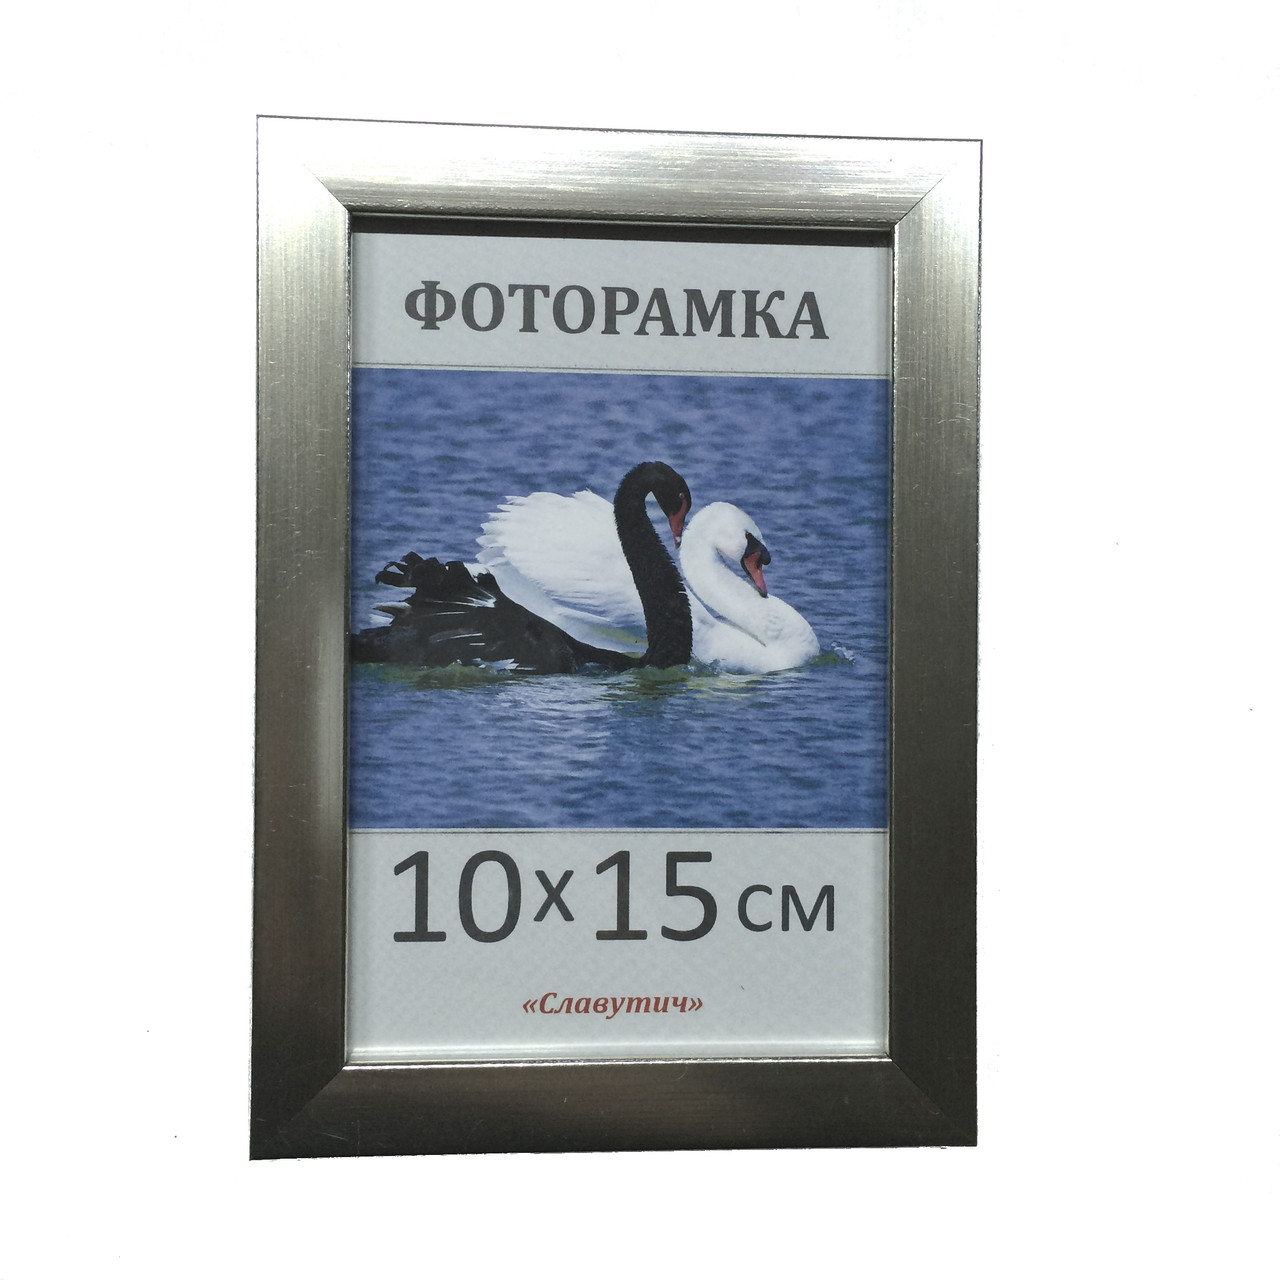 Фоторамка пластиковая 10х15, рамка для фото 1611-32 - Укрсклосервис, ООО в Киевской области